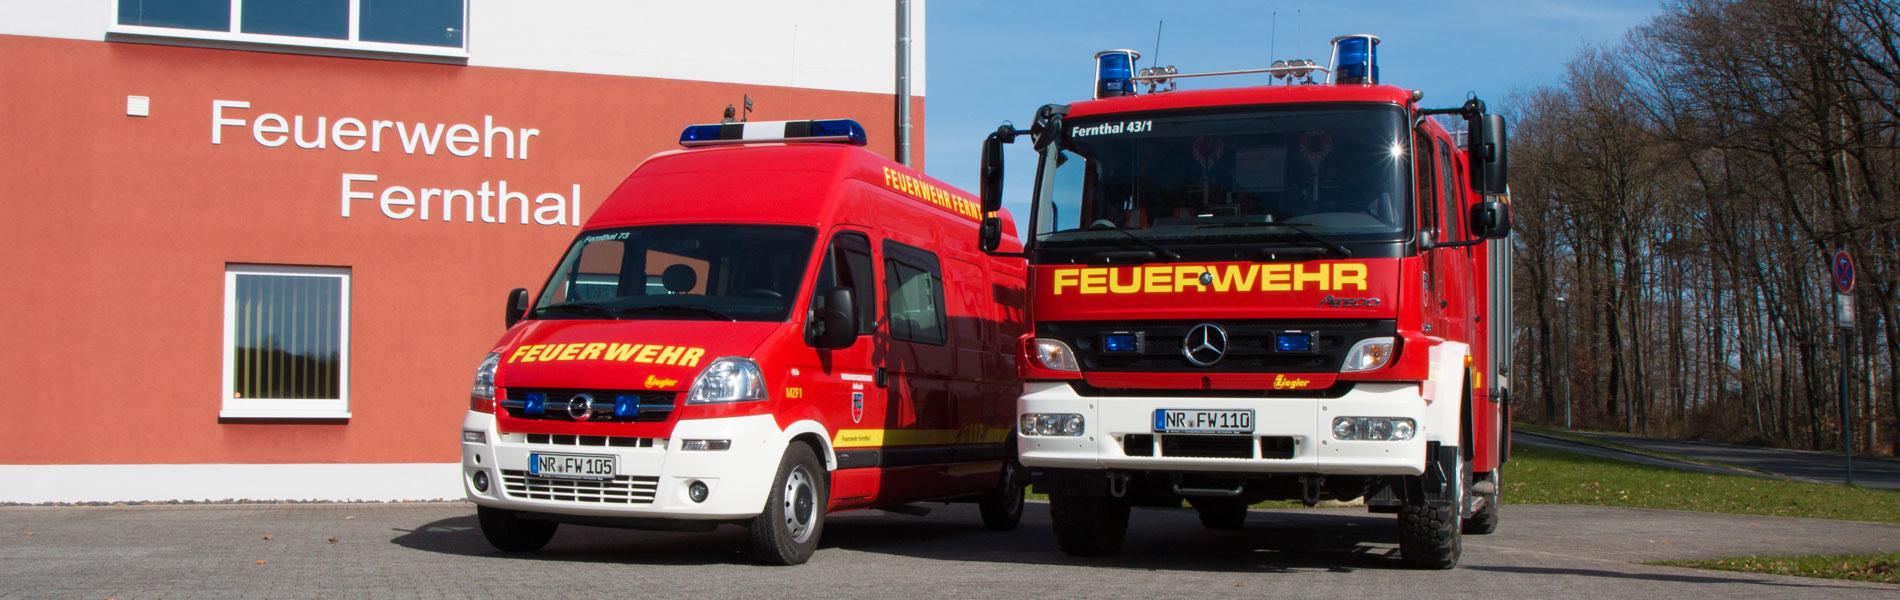 Feuewehr-Fernthal_Fahrzeuge_VG-Asbach